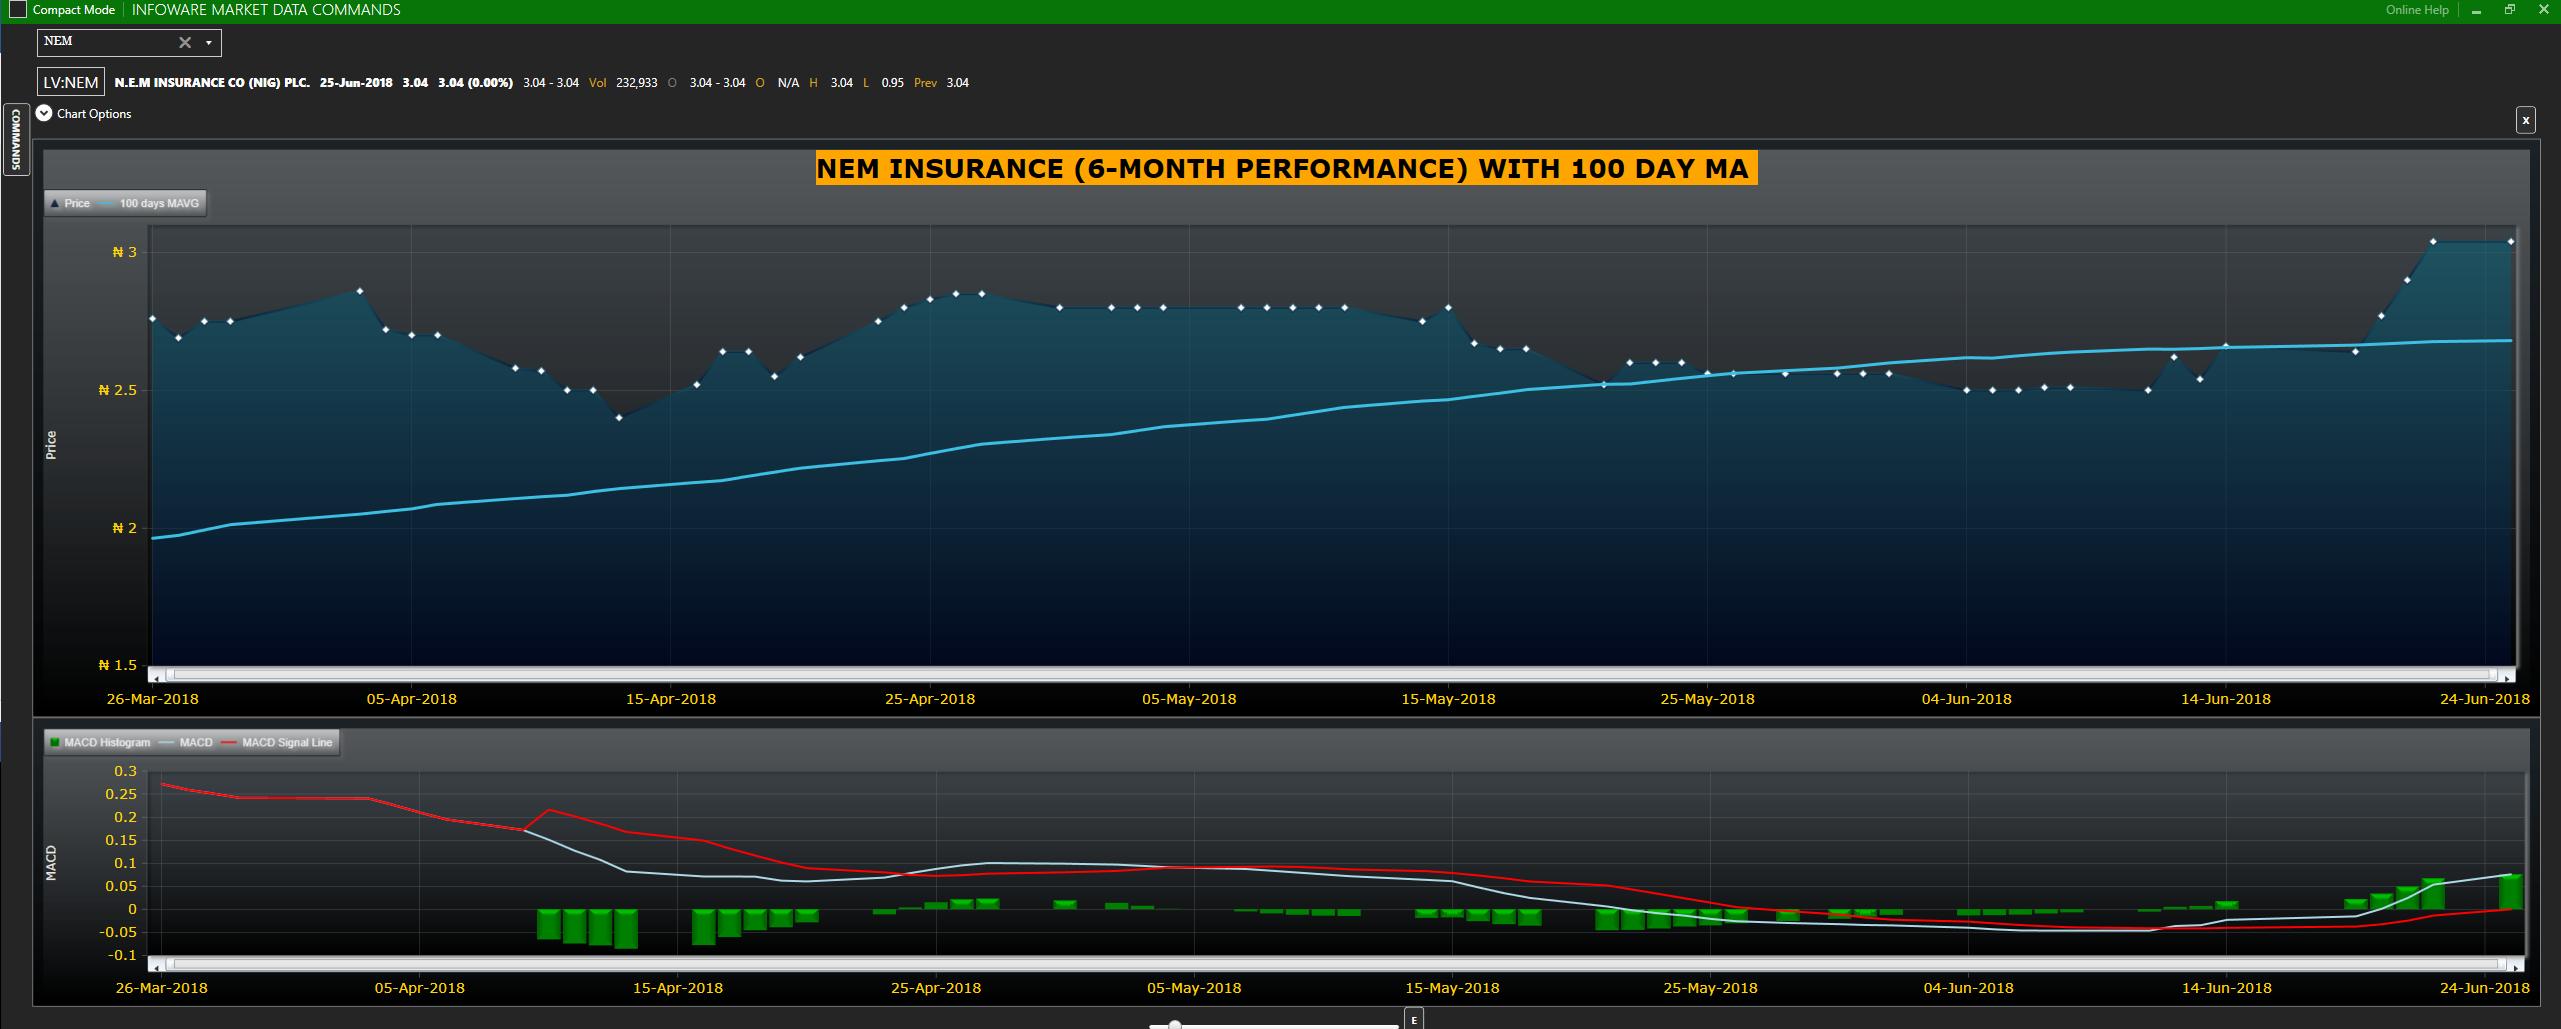 NEM Insurance stock